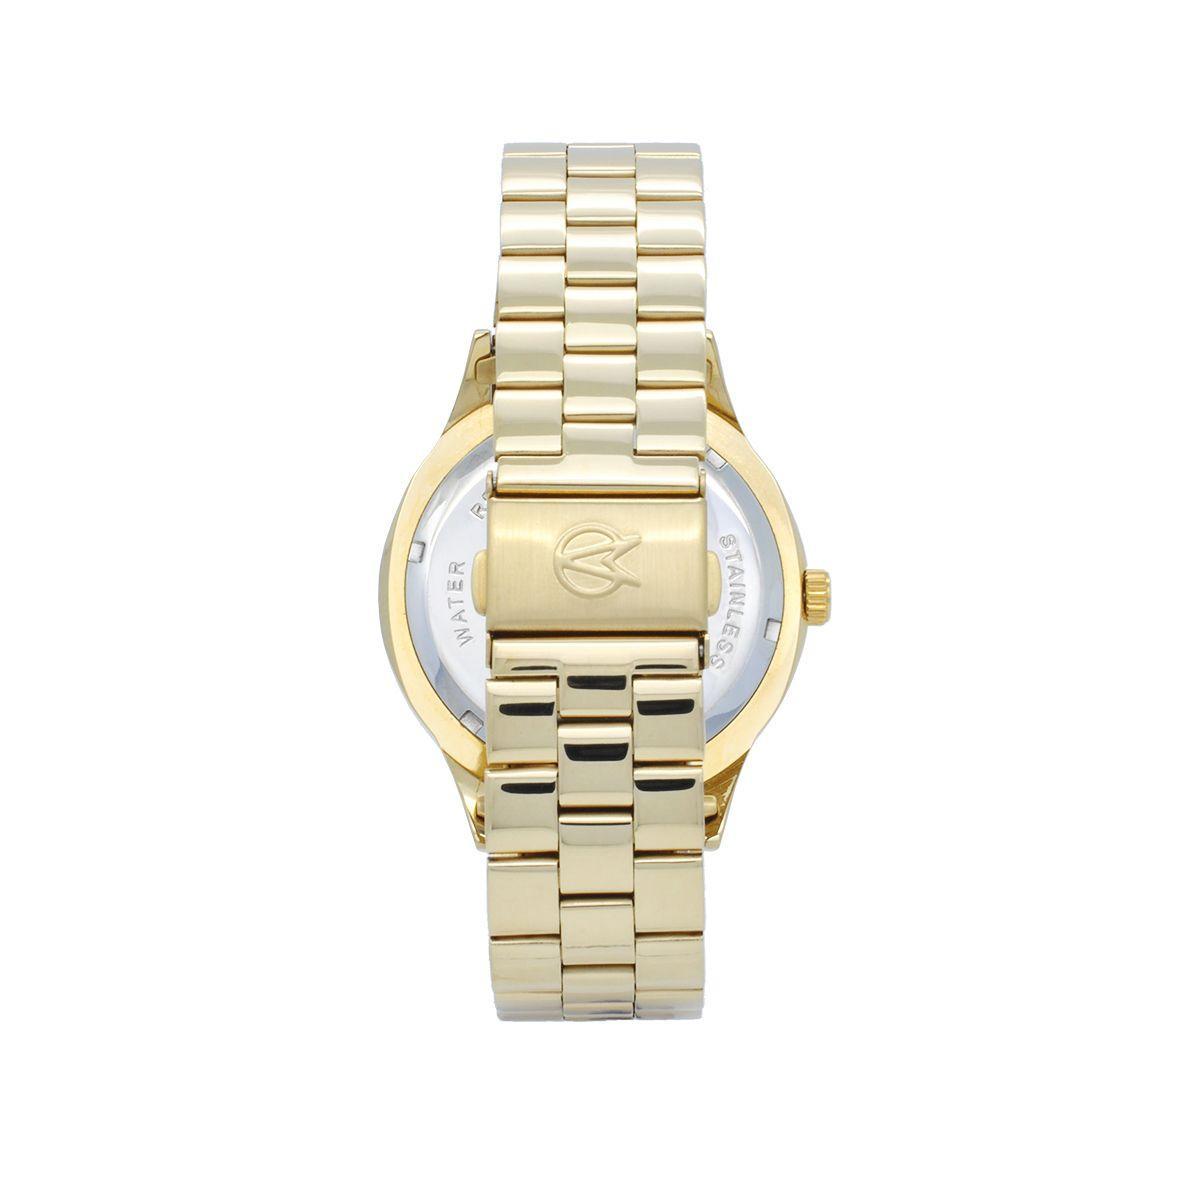 533939ac2bd Relógio de Pulso Champion Elegance Feminino CN27241H - Dourado com Detalhe  em Madrepérola - Champion watch R  268